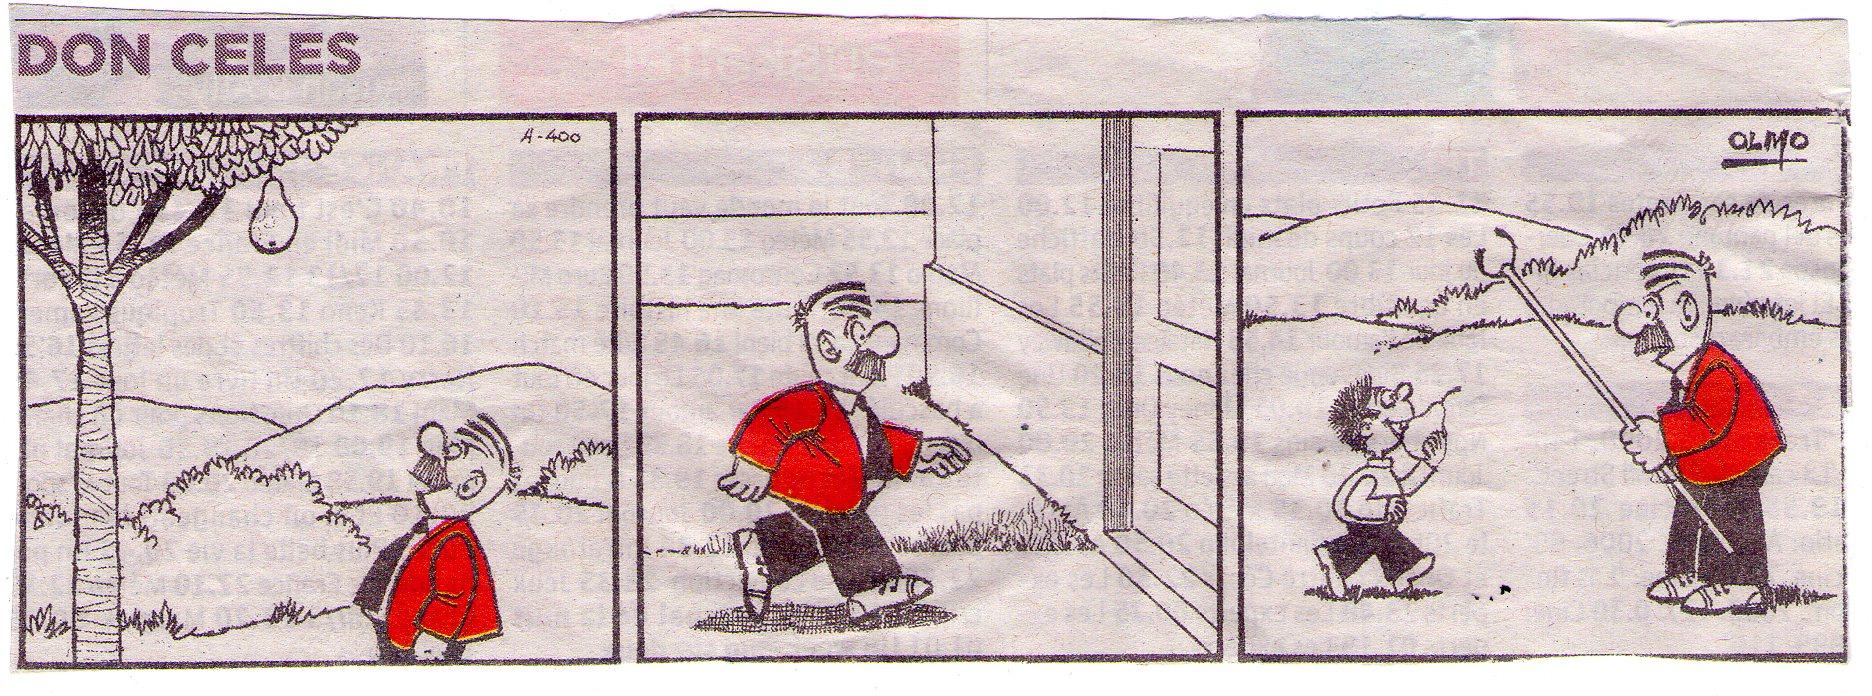 Mientras Don Celes busca algo para coger la pera se la quita el niño